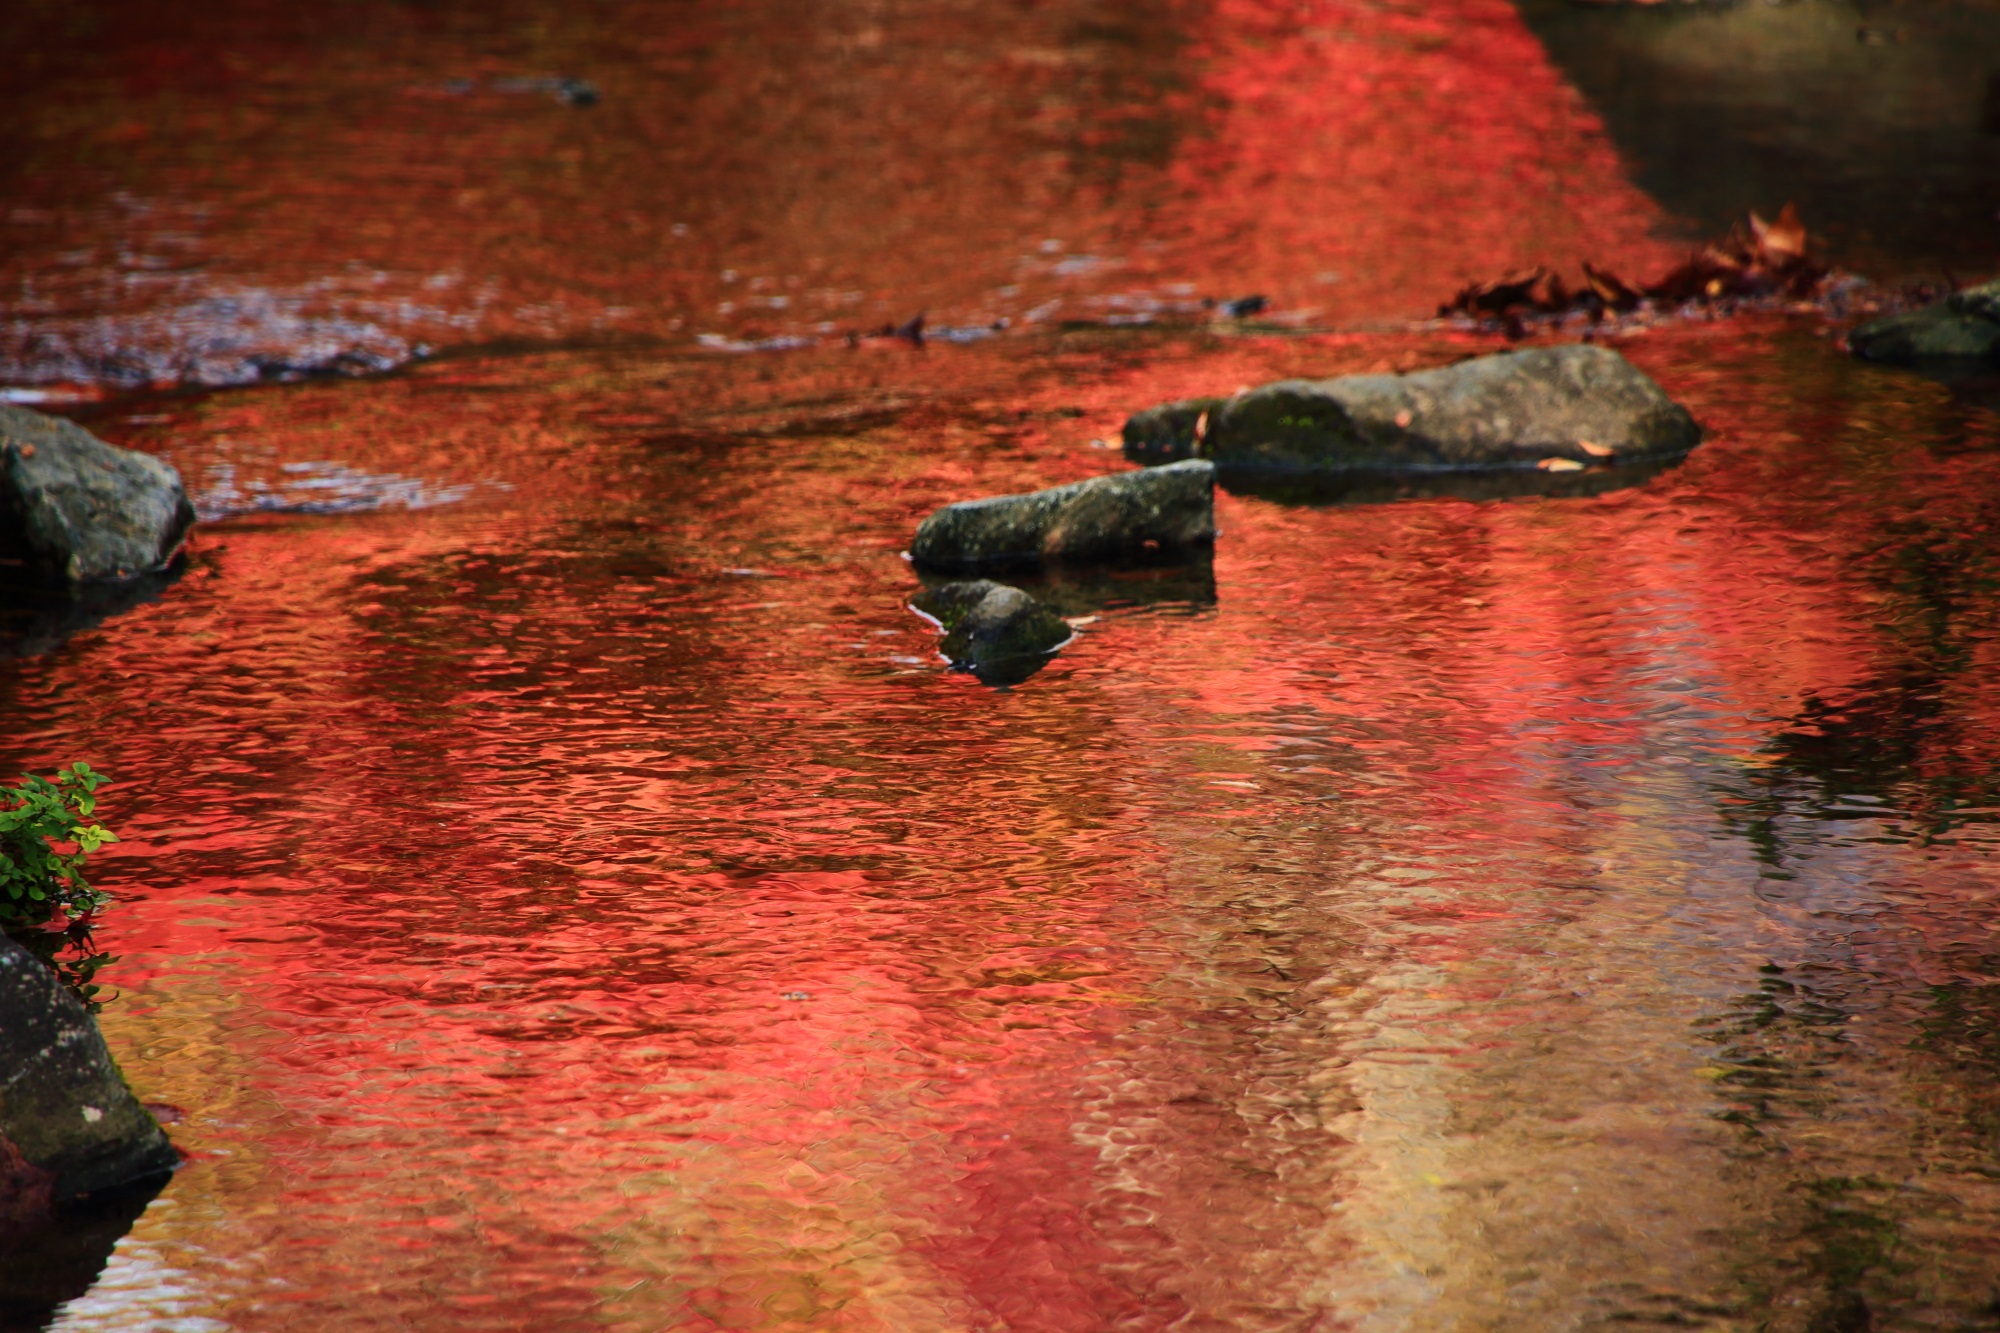 紅葉の穴場の梅小路公園の小川の美しい赤いもみじの水鏡